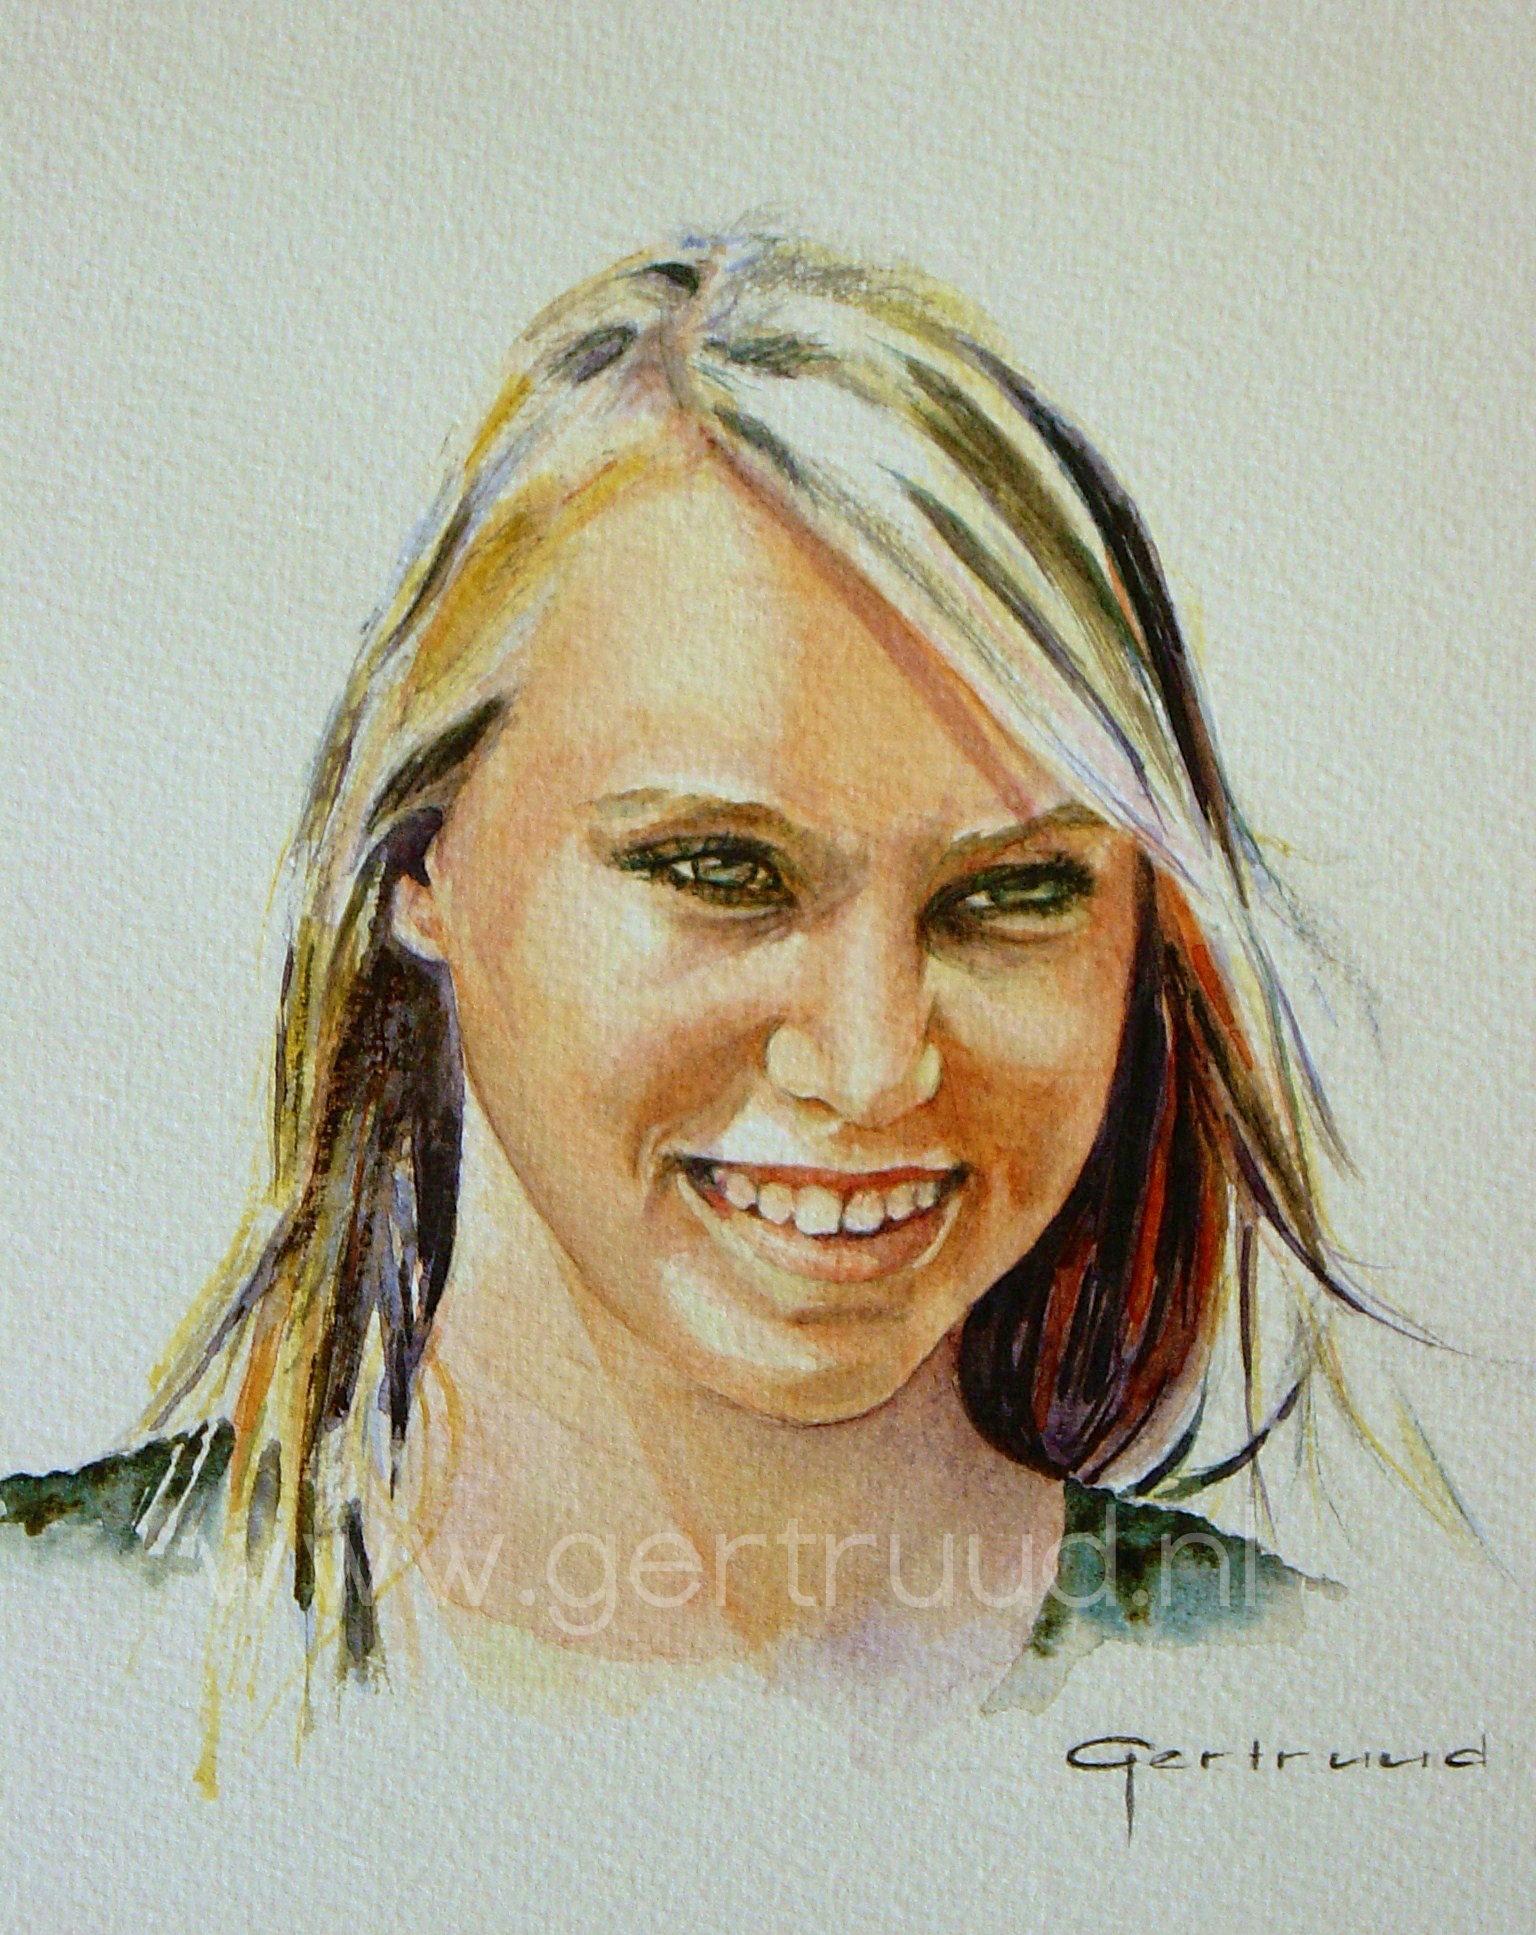 Sylvia watermerk